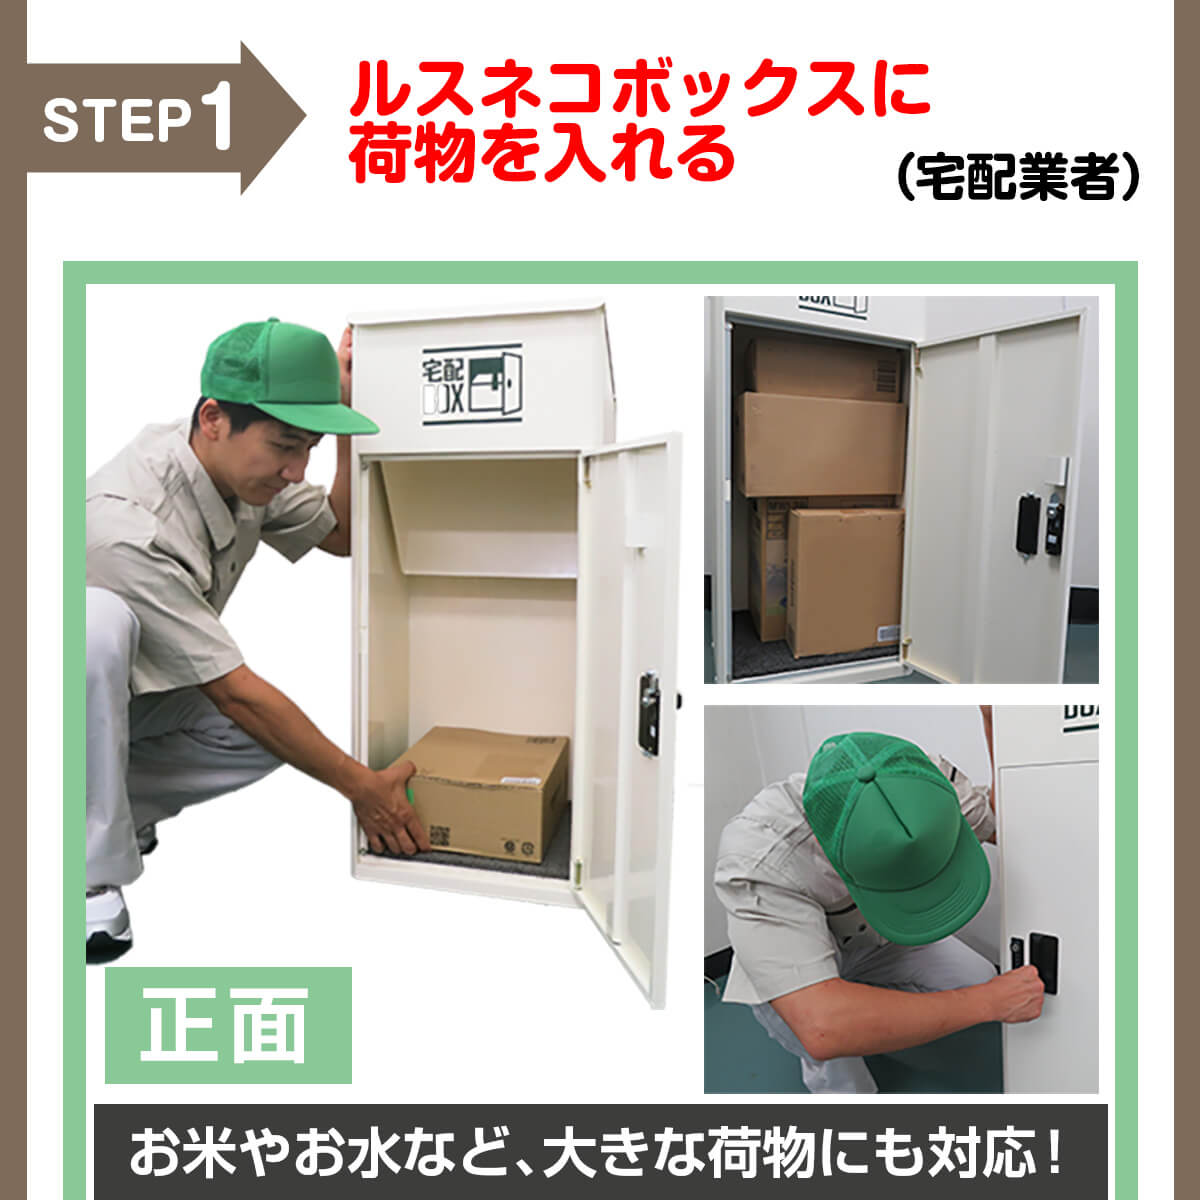 宅配ボックス ルスネコボックス®使い方3